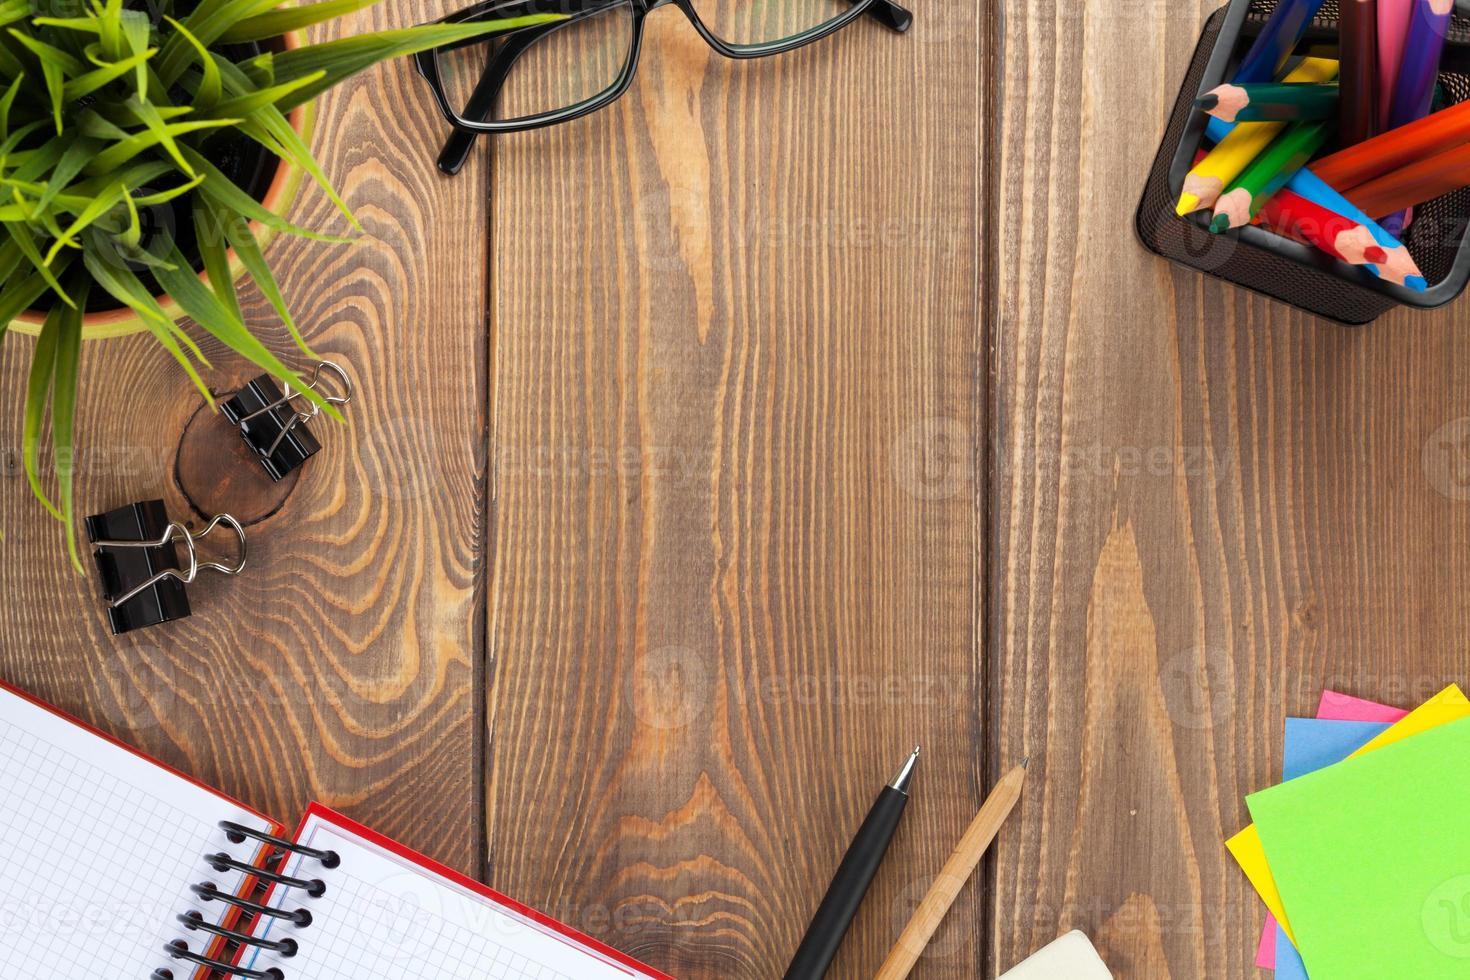 mesa de escritório com flor, bloco de notas em branco e suprimentos foto